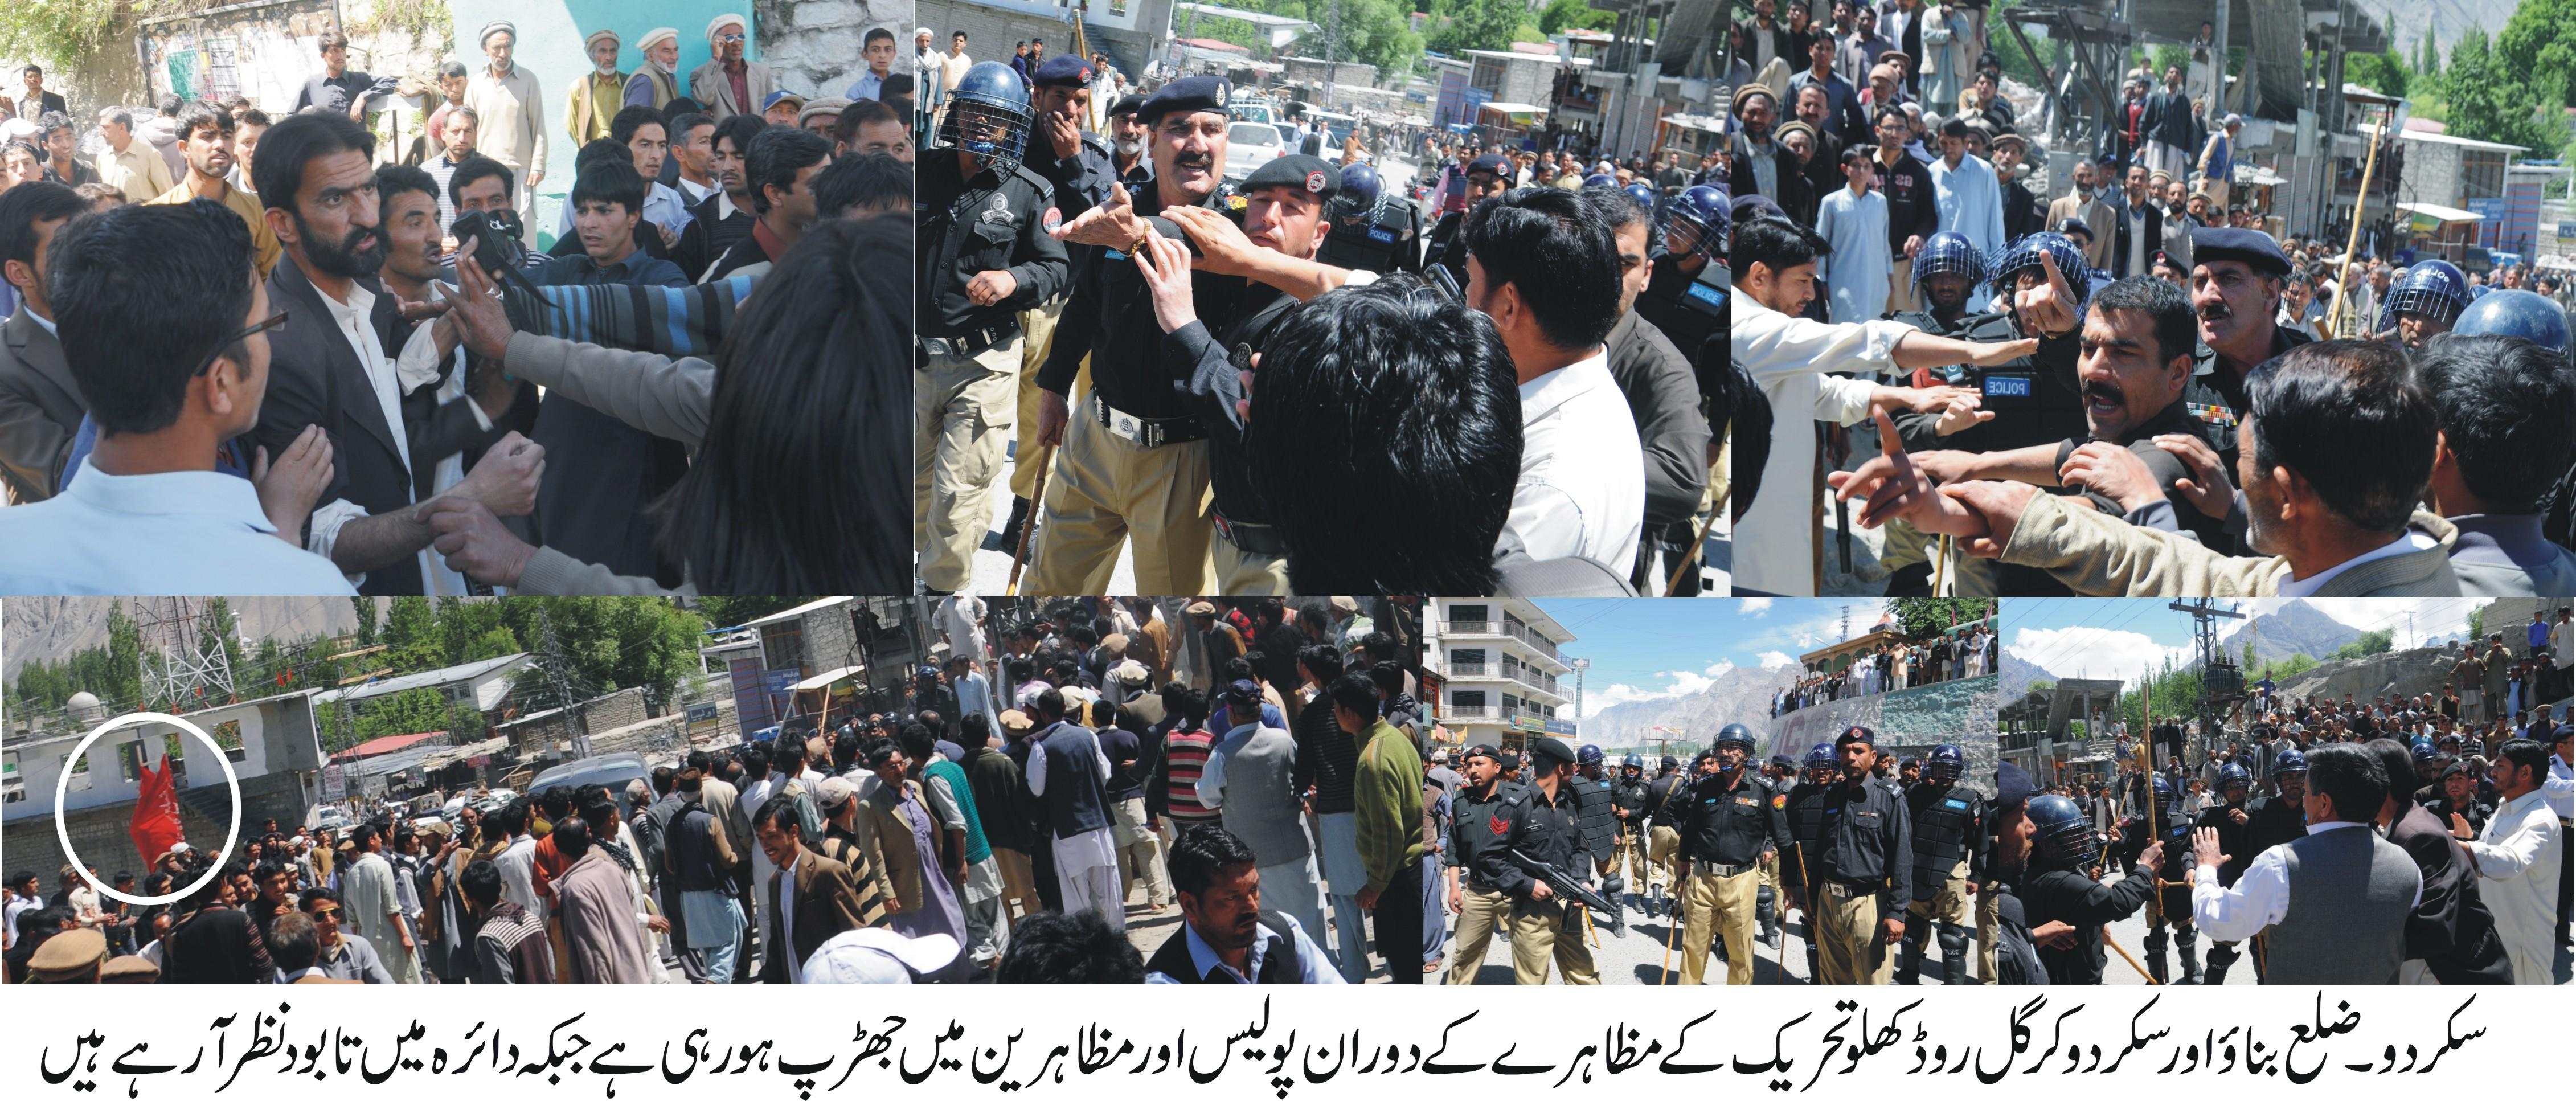 سکردو میں ضلع شگر اور کھرمنگ کا تابوت بردار احتجاجی ریلی، پولیس پر پتھراؤ